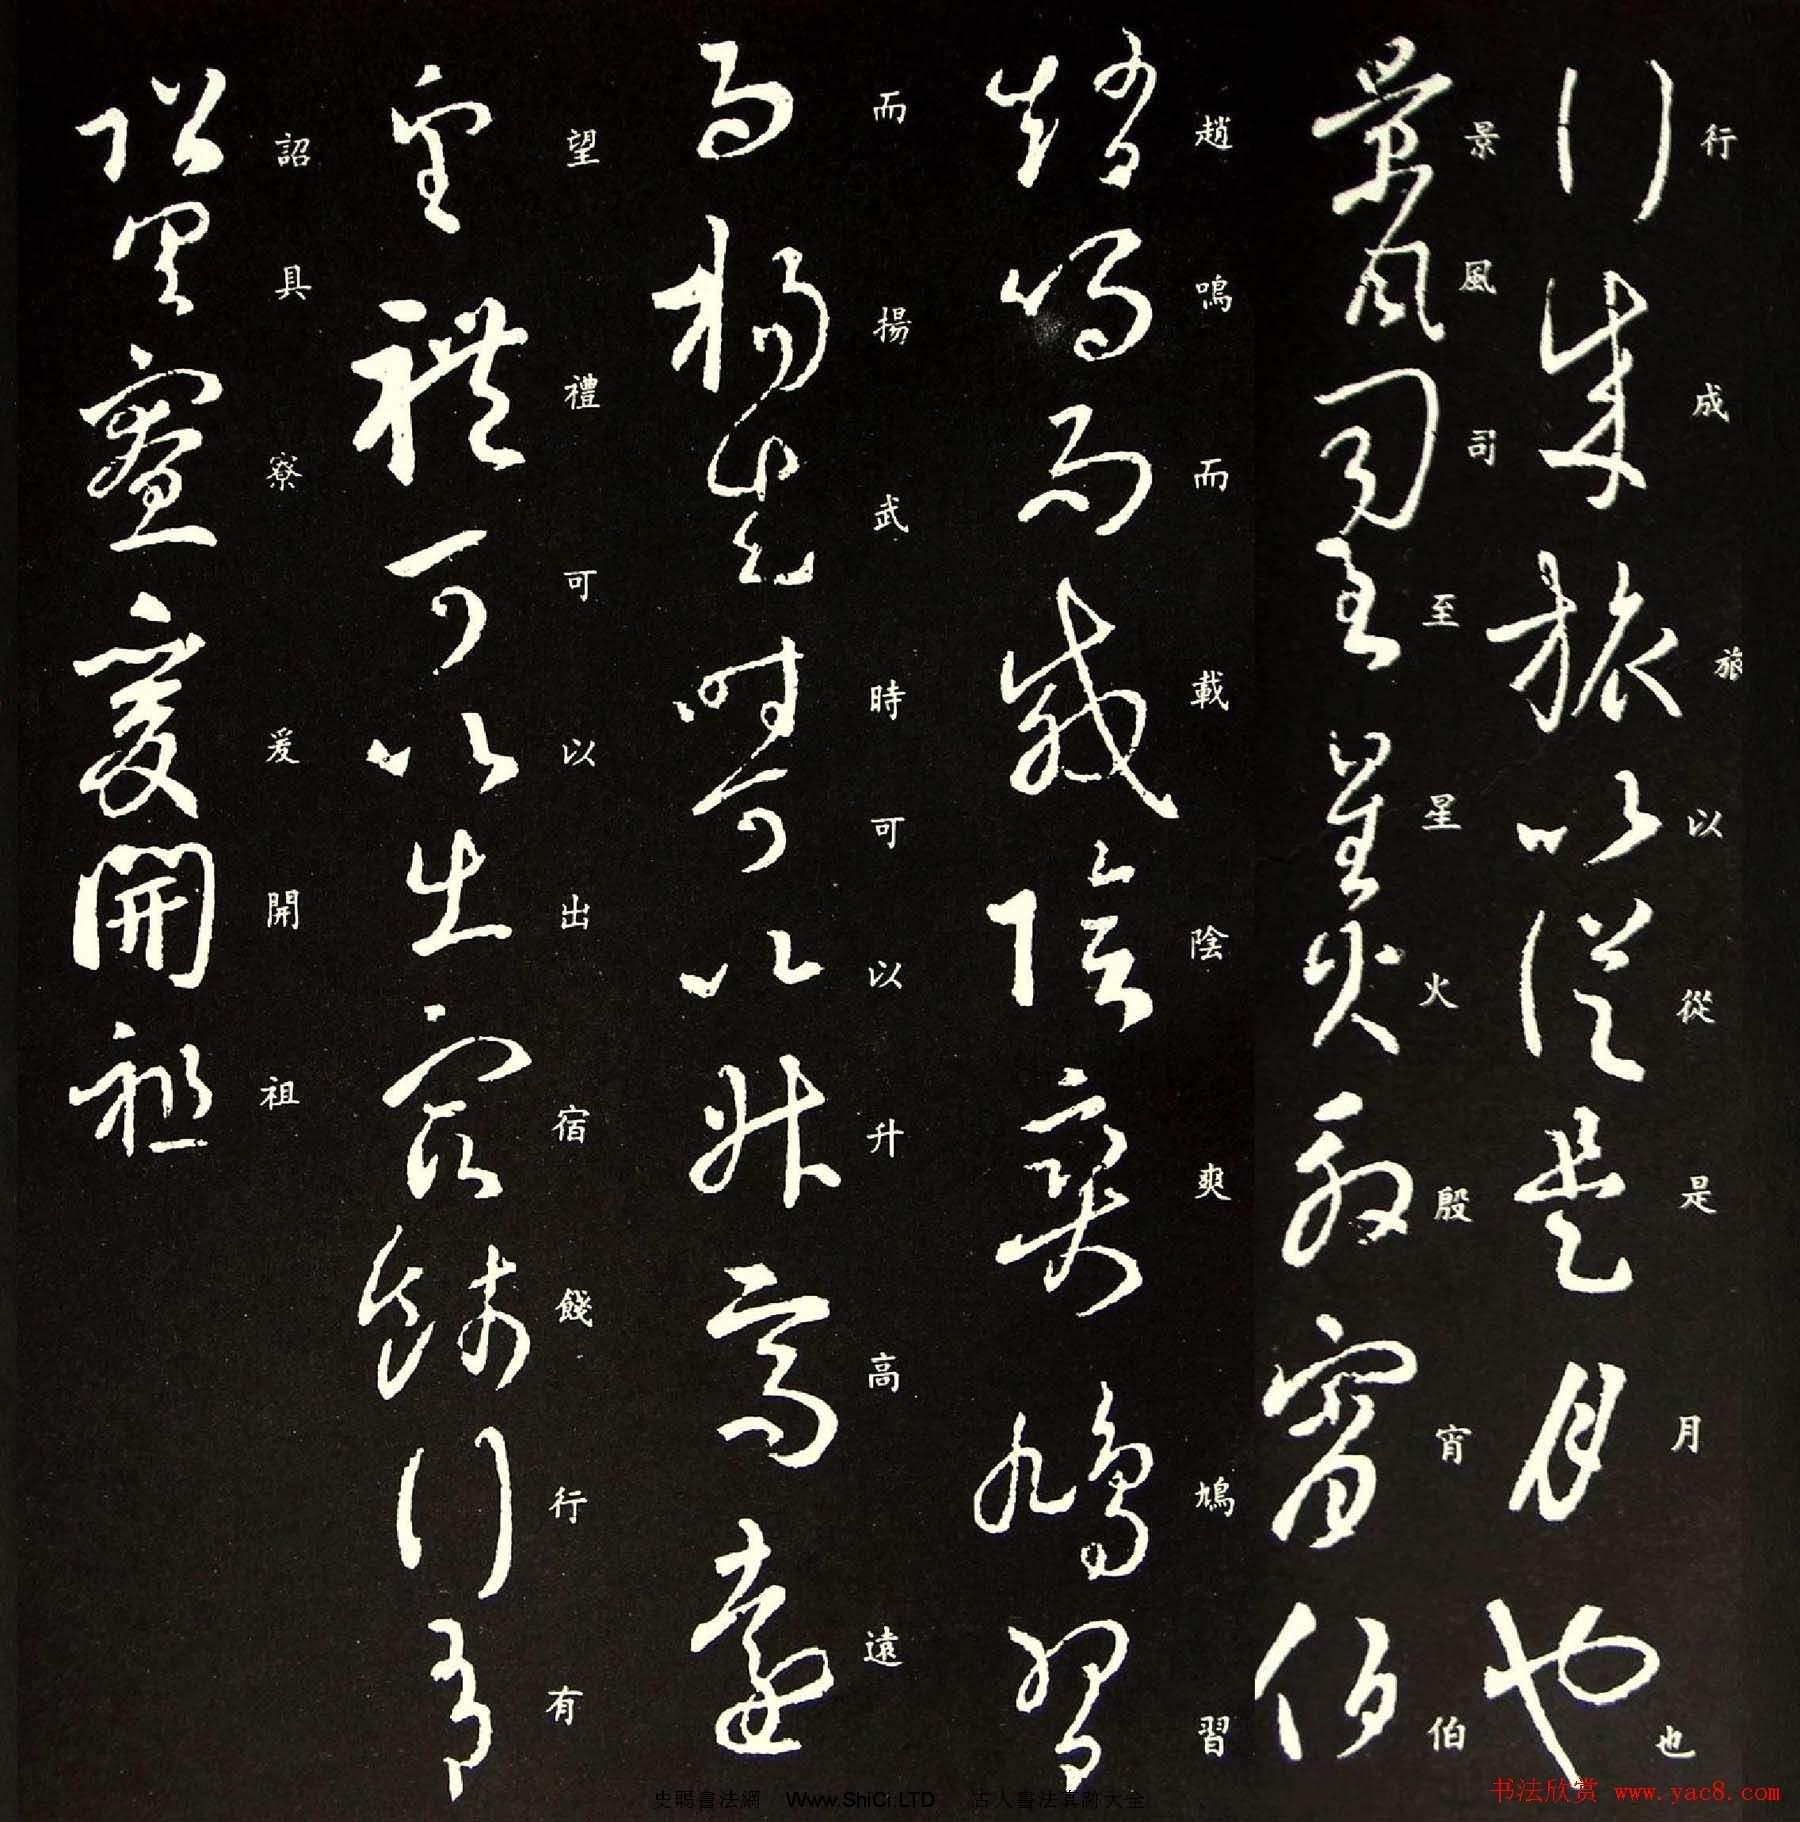 王羲之の書の真筆「行成帖」の四種類(全部で5枚の写真)